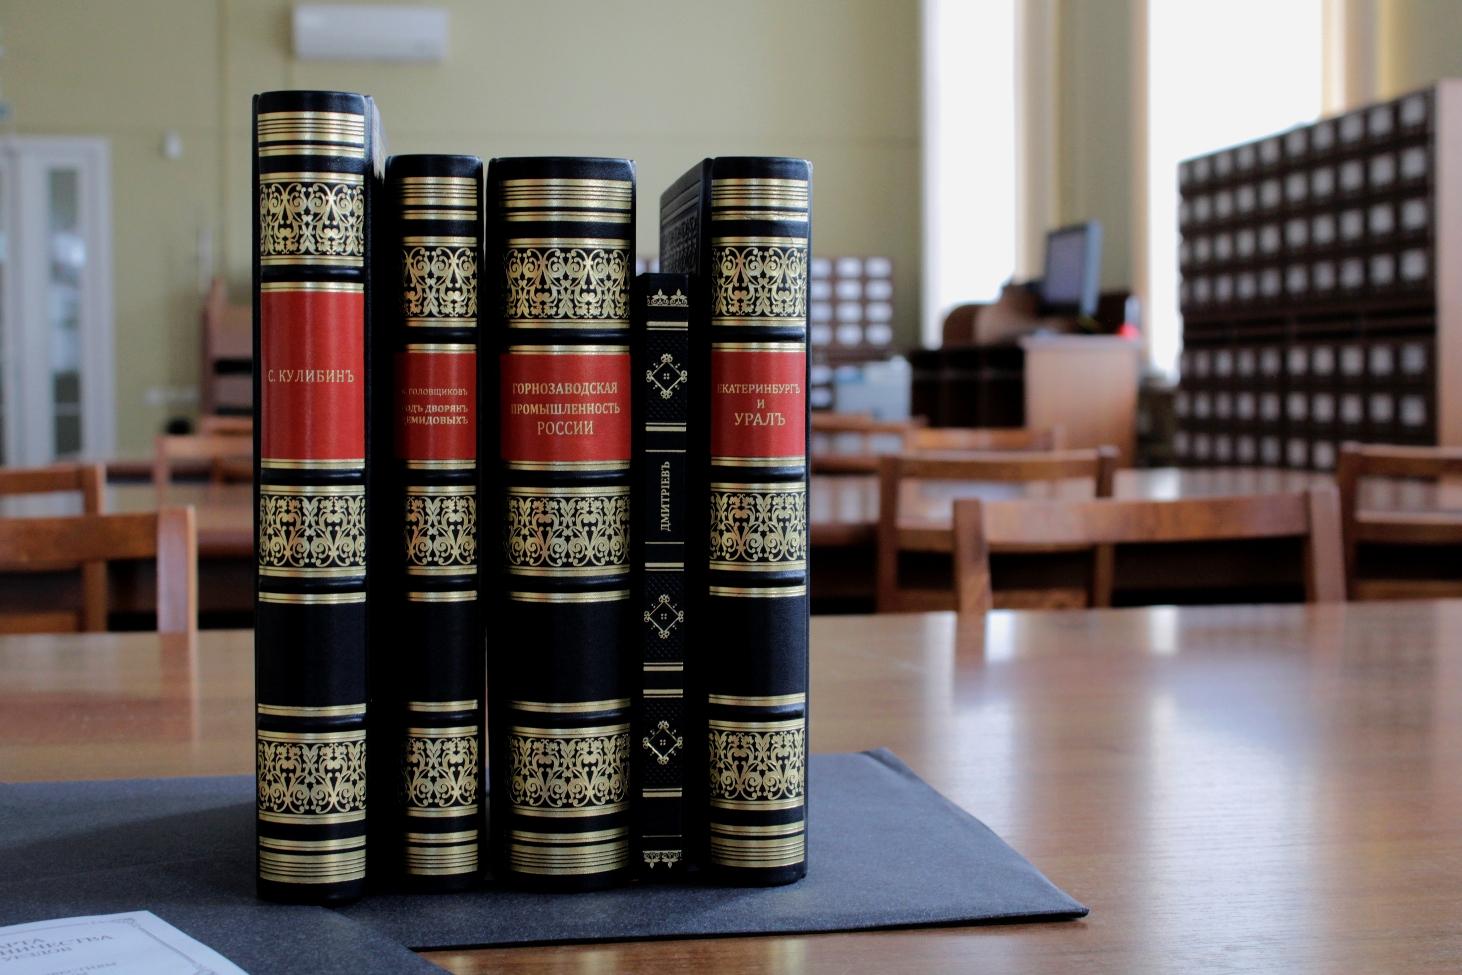 Дорогие книги. Редкие и ценные экземпляры покажут жителям Челябинска